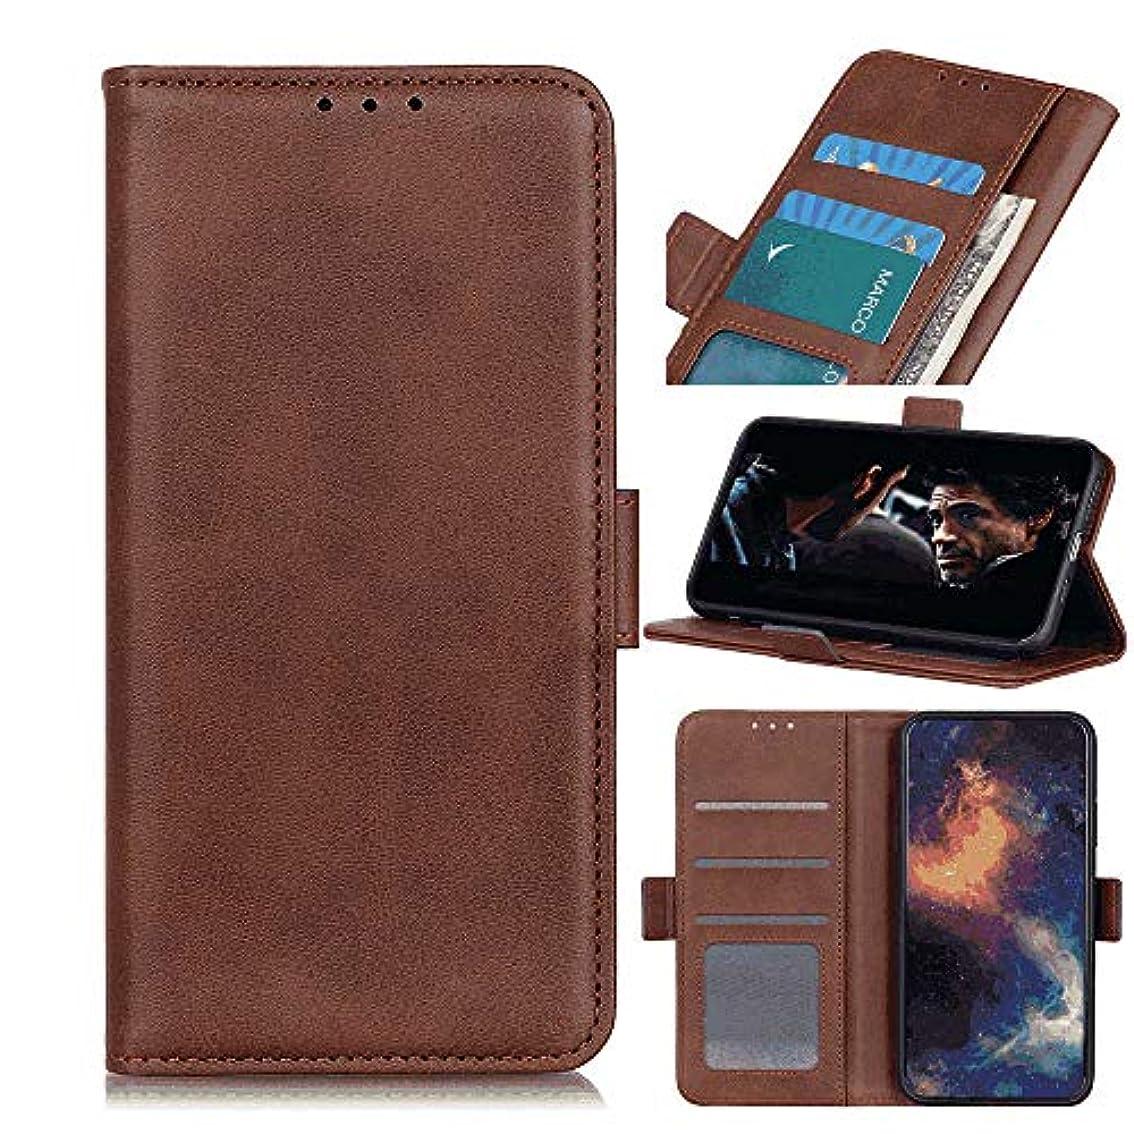 設計図短くする不快な手帳型 ケース 対応 アイフォン iPhone XR, PUレザー 本革 耐衝撃 財布 カバー収納 スマートフォンケース